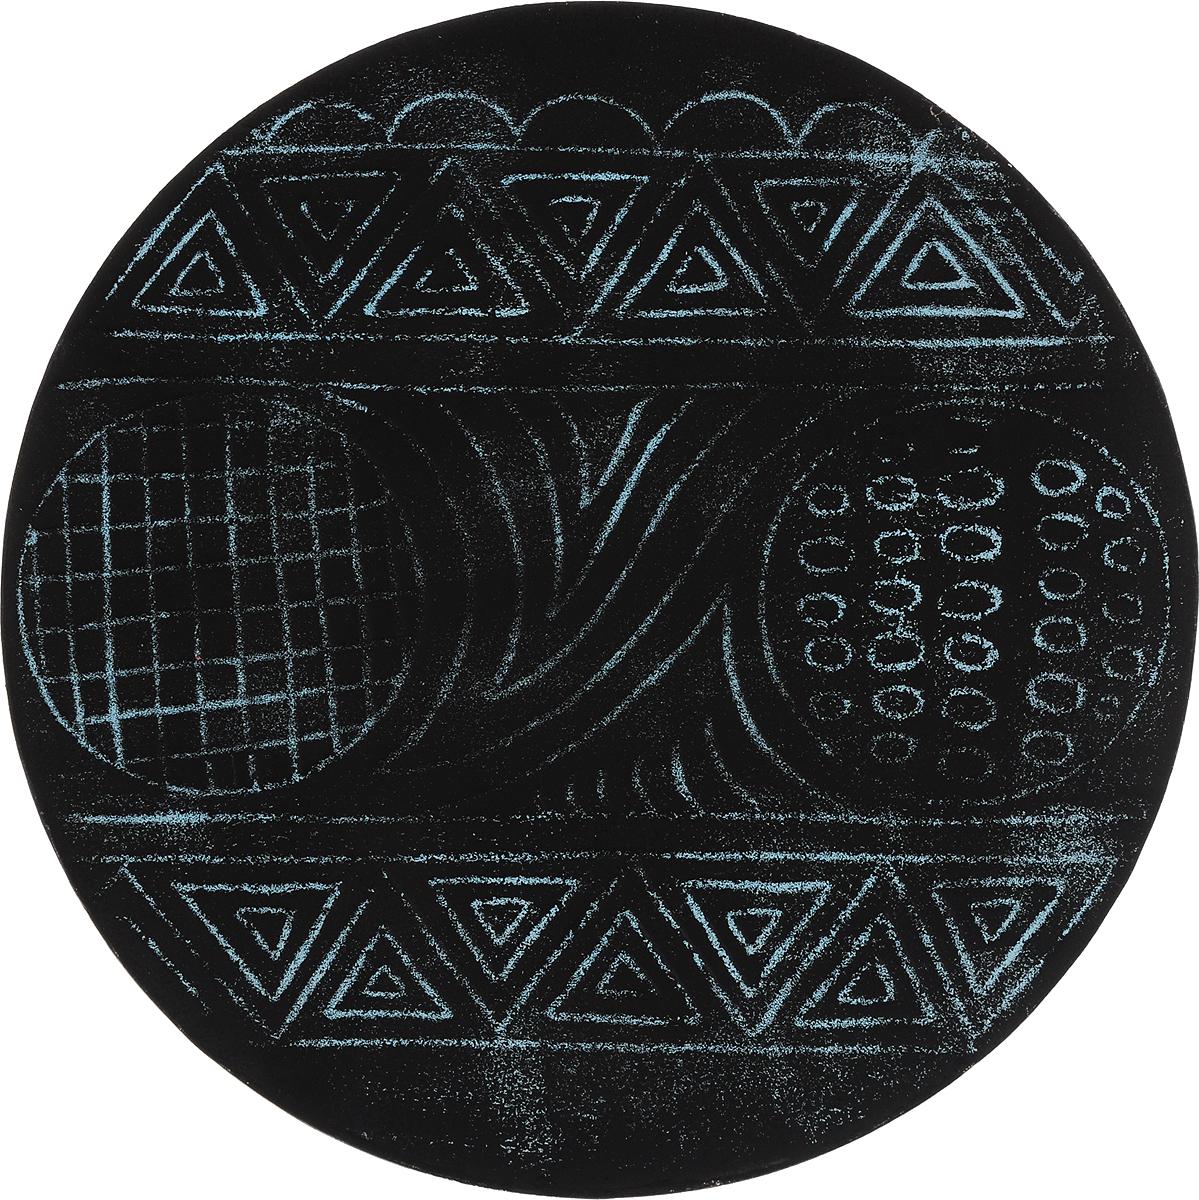 Тарелка декоративная House & Holder, диаметр 22 смPX90470Тарелка House & Holder выполнена из высококачественной керамики. Тарелка круглой формы украшена оригинальным принтом. Она сочетает в себе оригинальный дизайн с максимальной функциональностью.Диаметр тарелки: 22 см.Высота: 2,2 см.